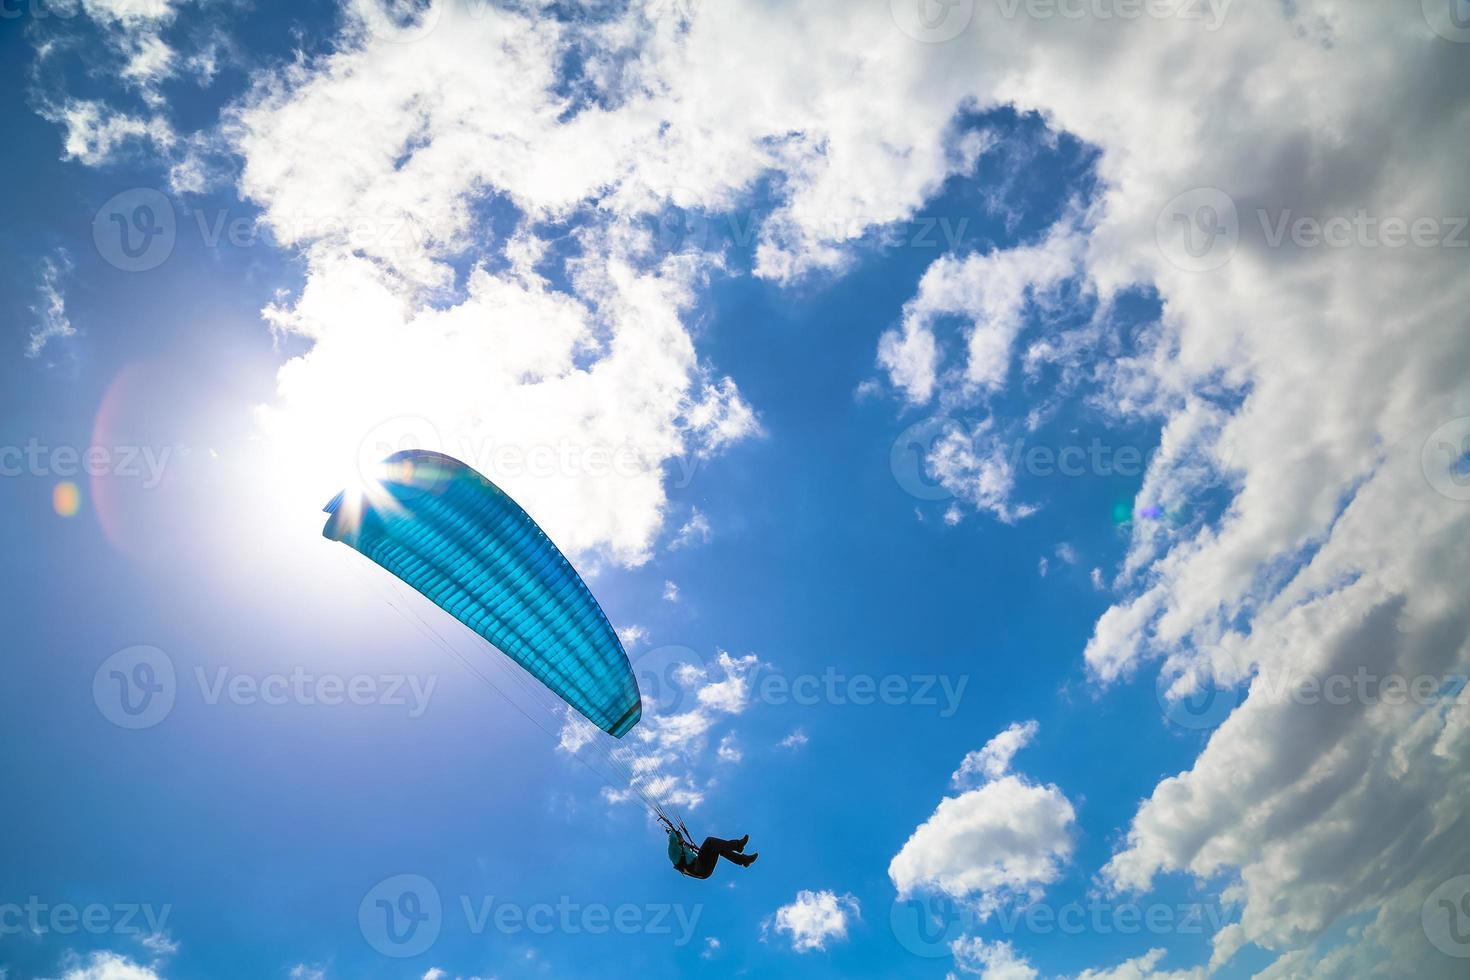 Gleitschirm schwebt in einem sonnigen blauen Himmel foto